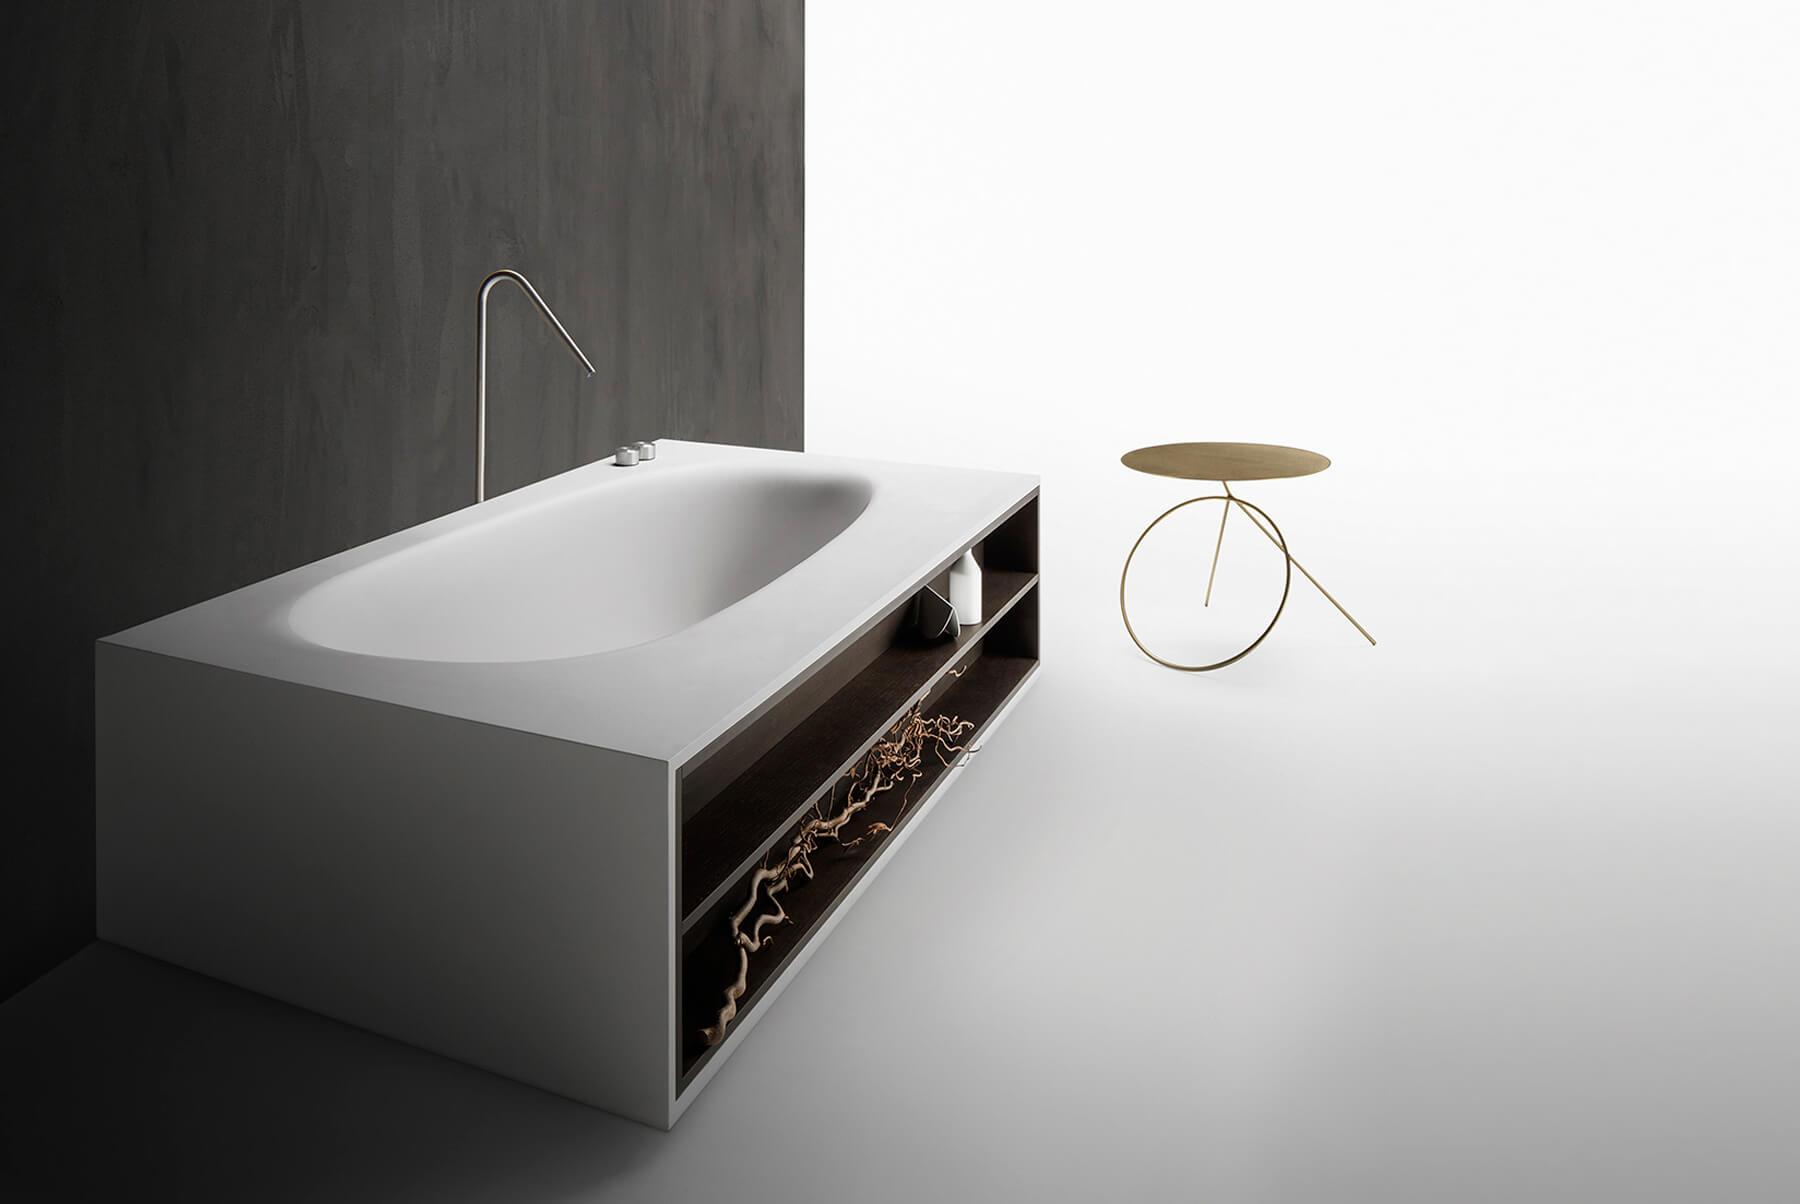 Bath-Tubs-Falper-Vascamisura-5-1800x1204